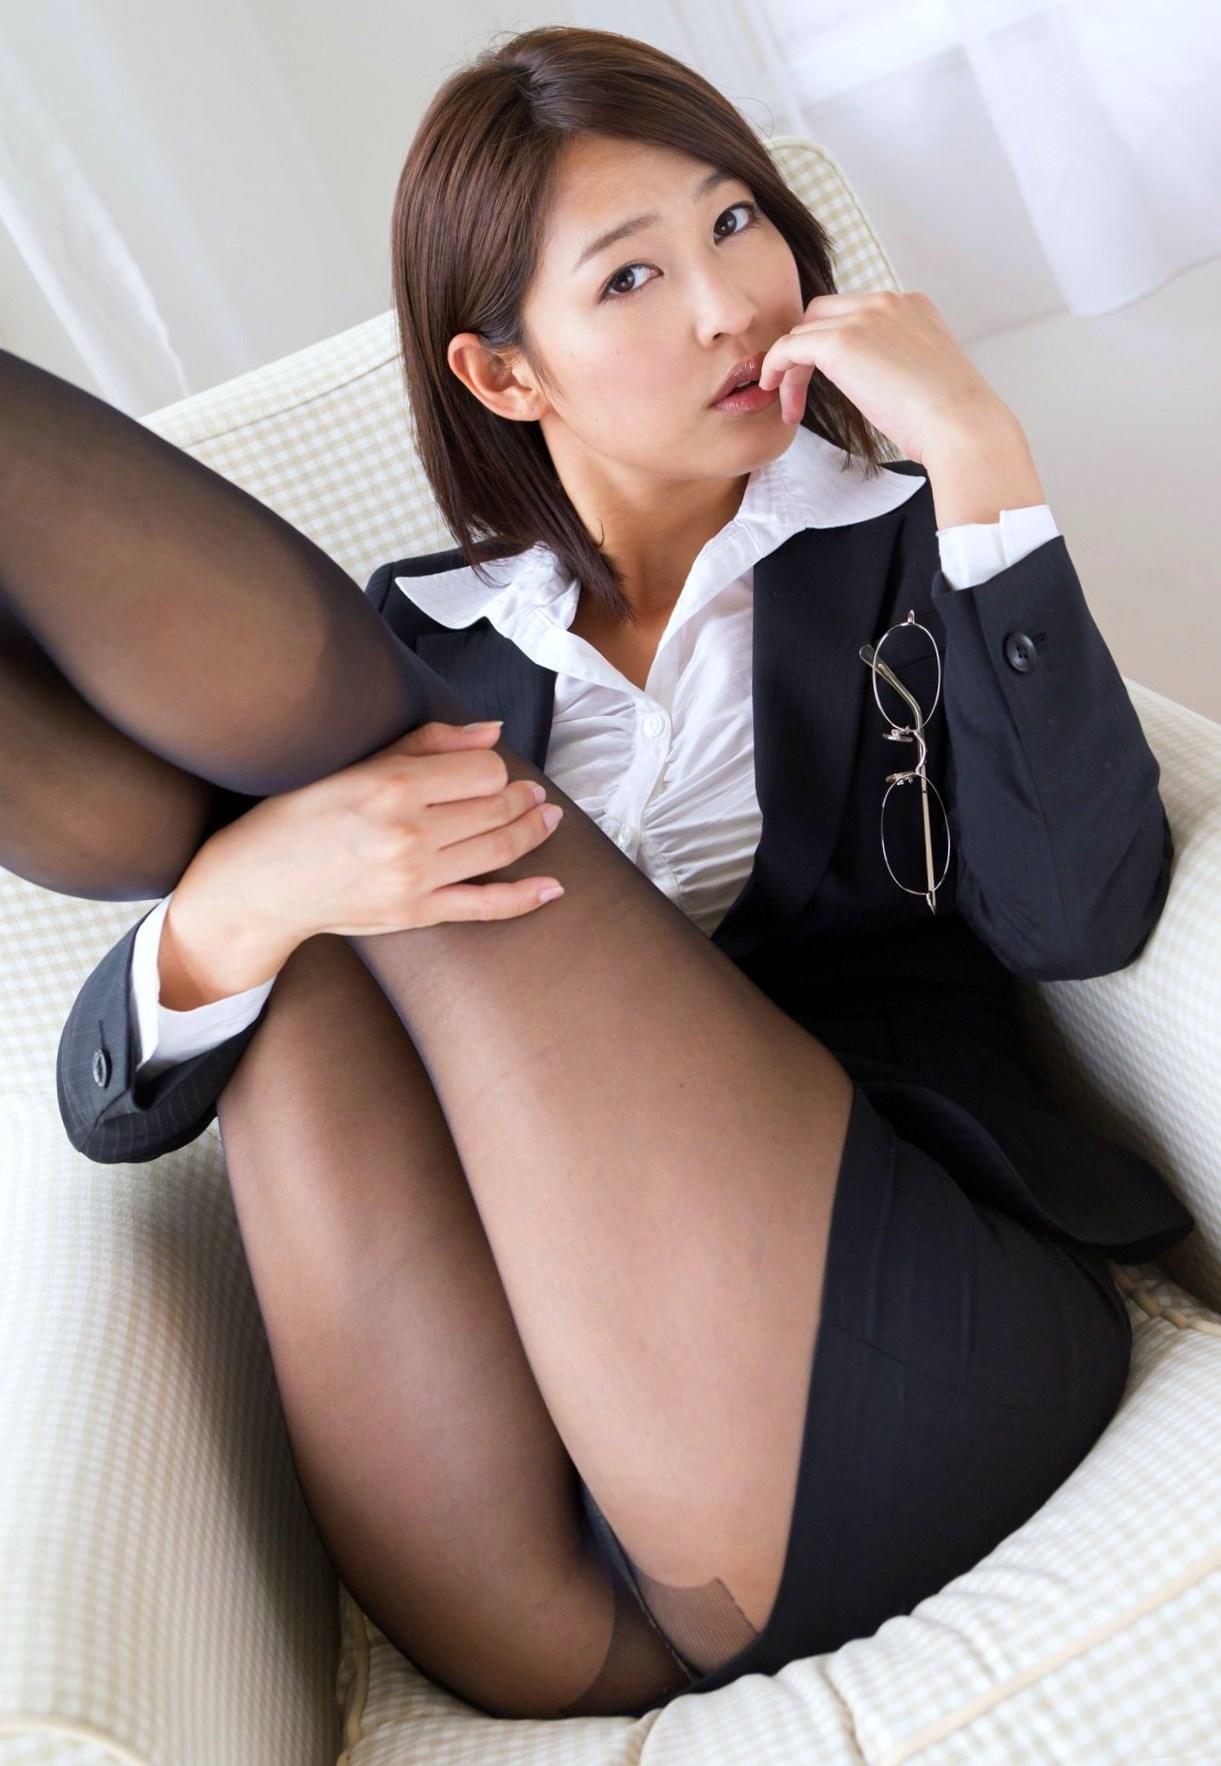 【OLエロ画像】スーツ姿の女性ってそれだけでエロく見えるよなwww 18